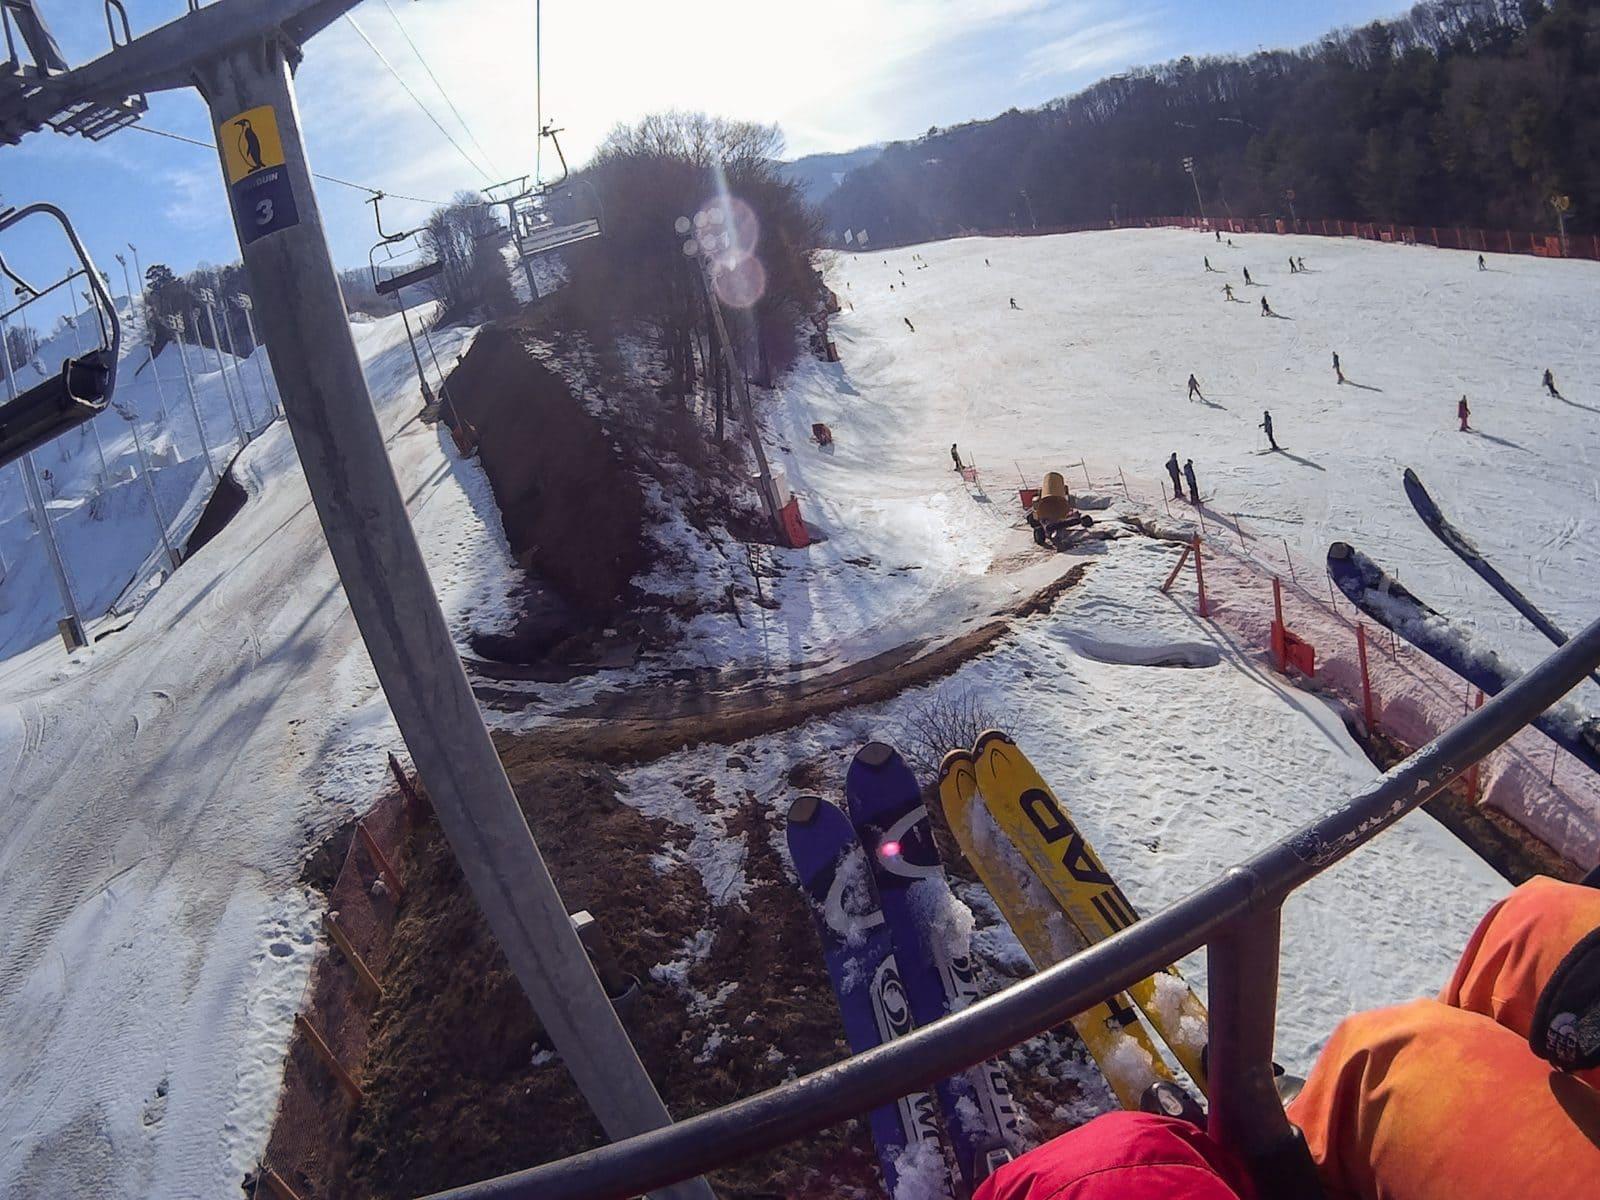 planning a ski trip ski lift